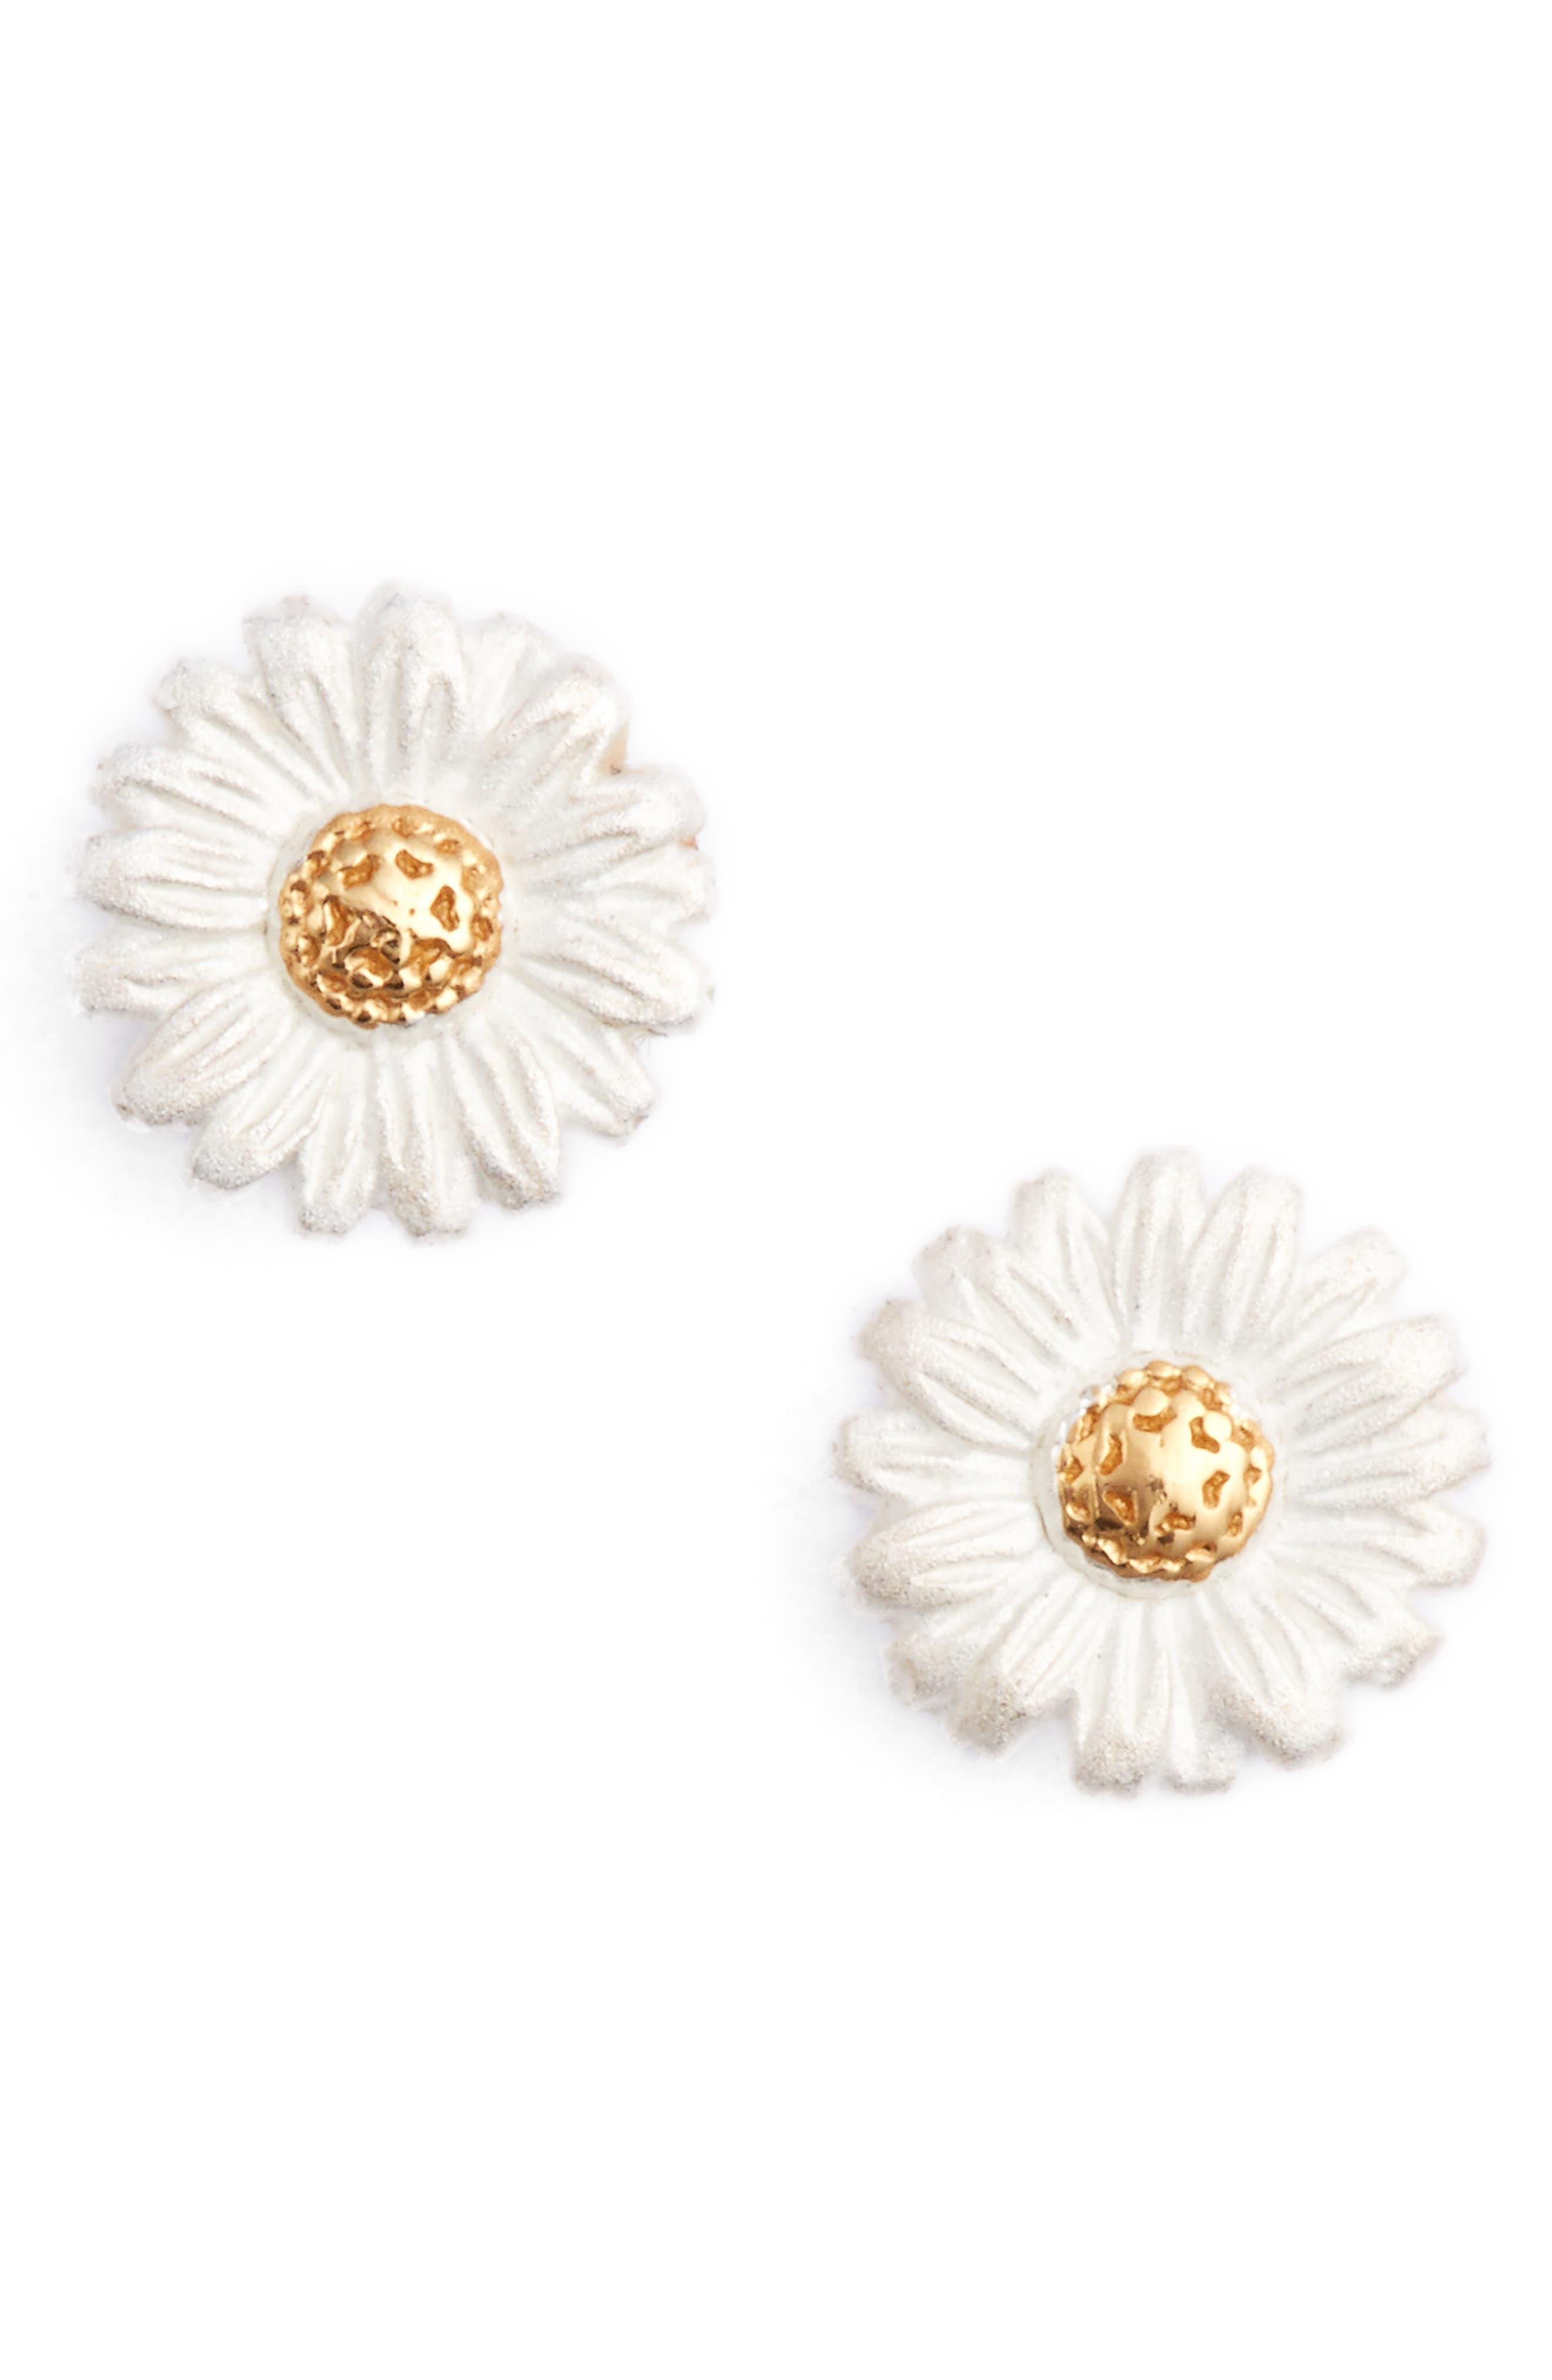 Alternate Image 1 Selected - Olivia Burton Daisy Stud Earrings